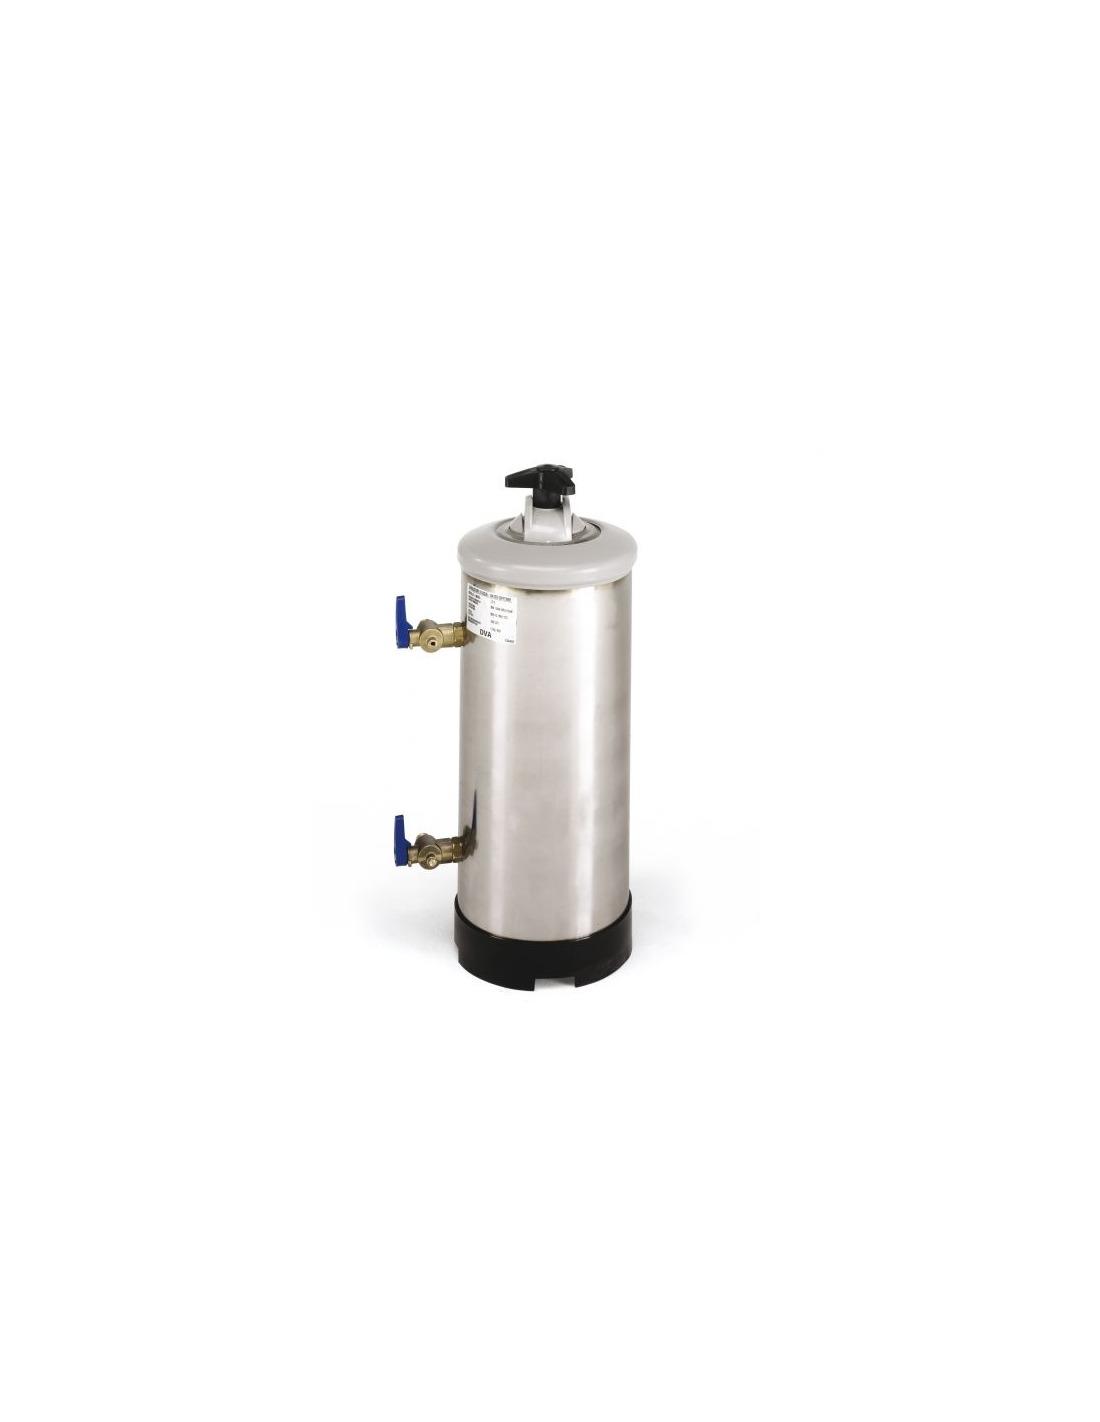 Descalcificador de agua de regeneraci n manual - Descalcificador de agua domestico ...